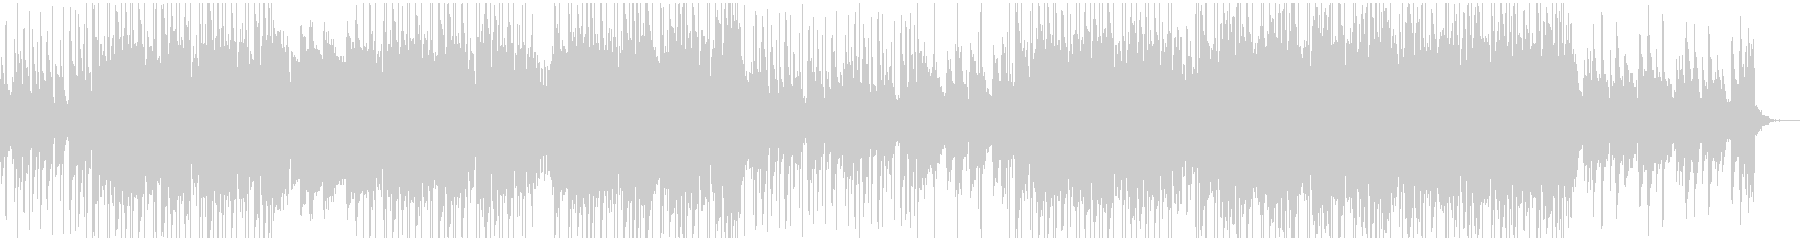 ソフトピアノメインLofi HipHopの未再生の波形